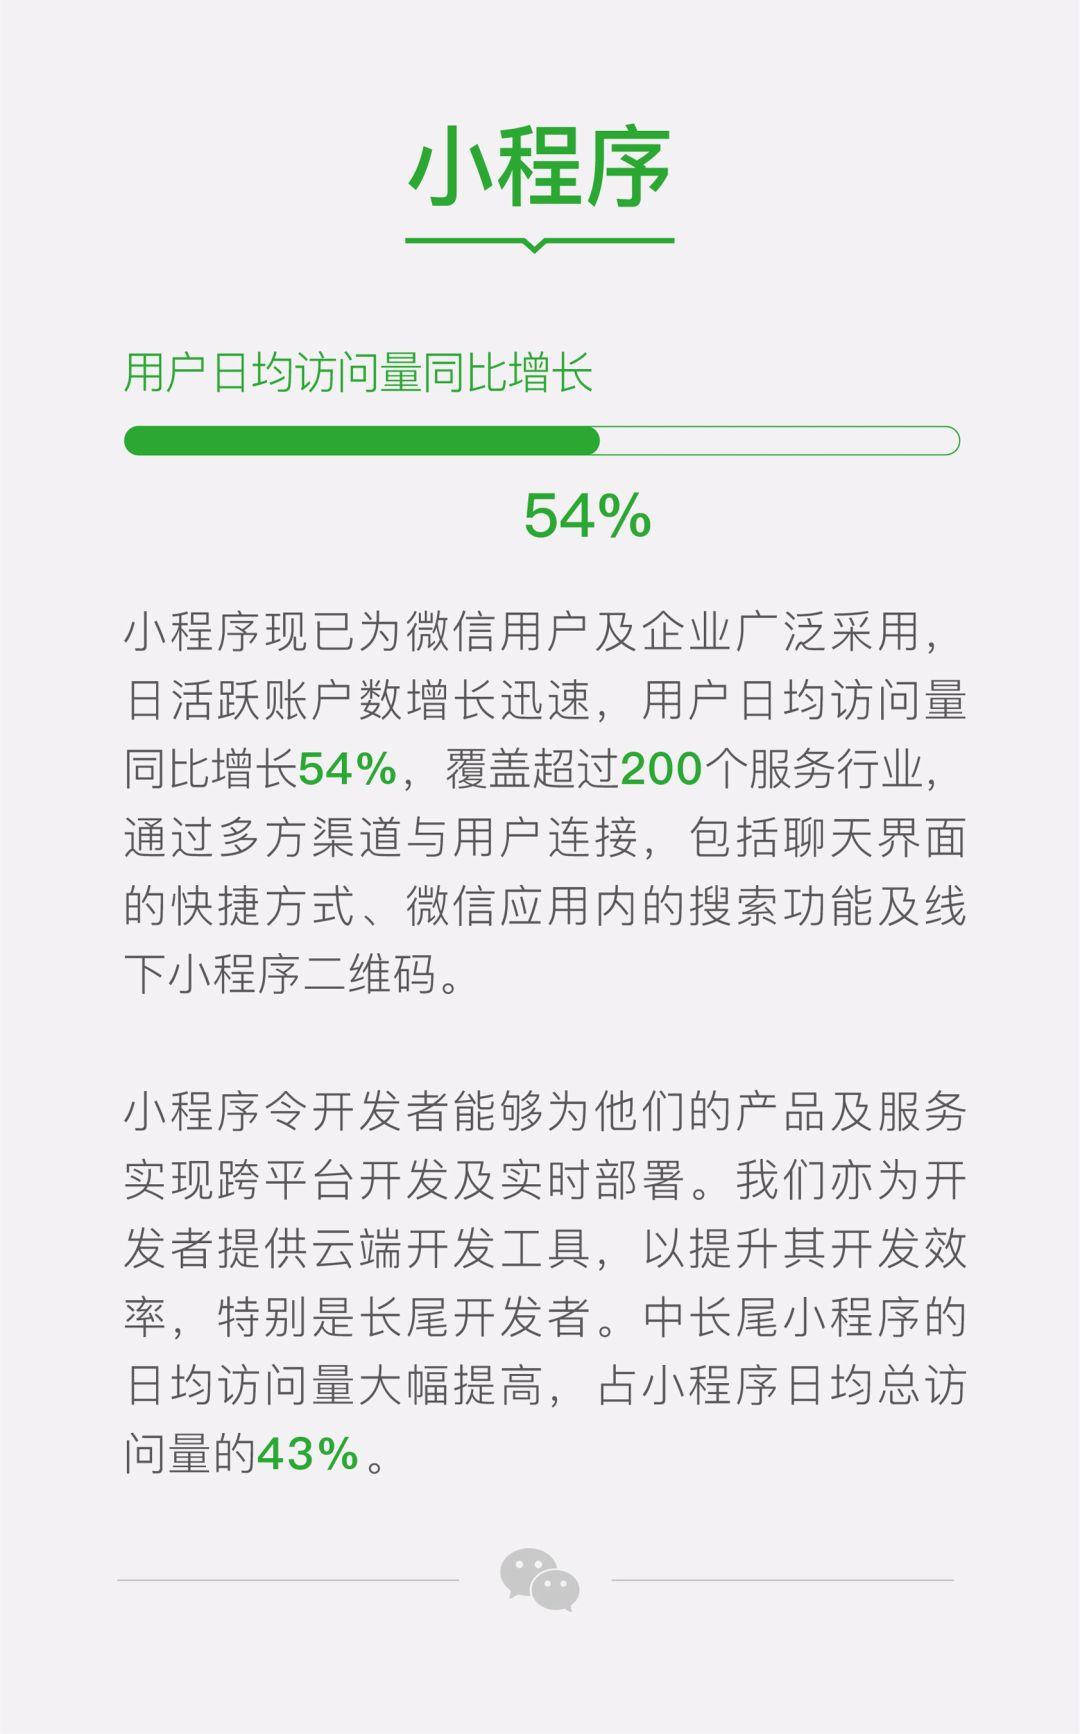 微信小程序日均访问增长54%